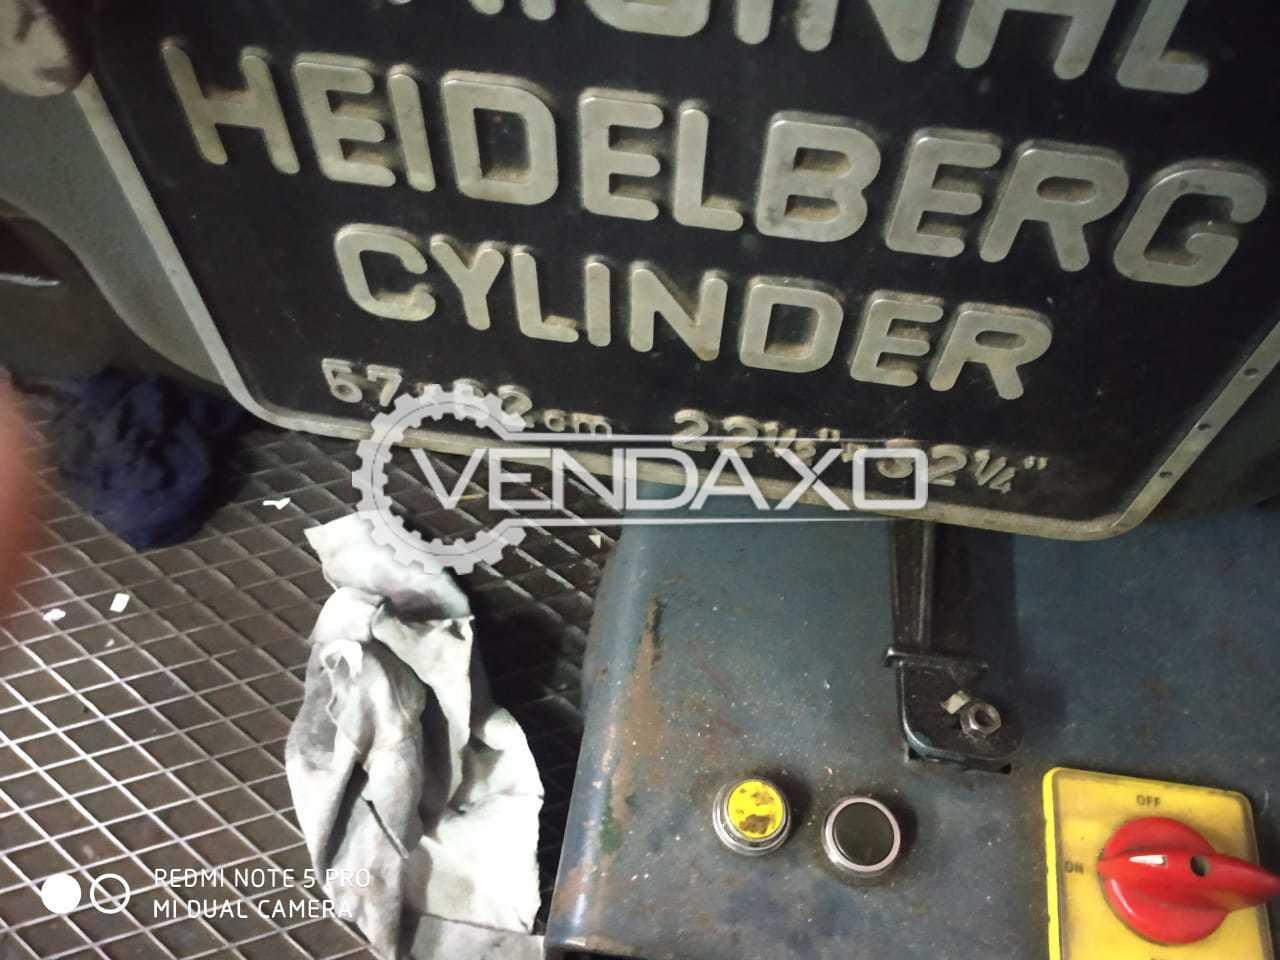 Heidelberg Cylinder Die Cutting Machine - 22 X 32 Inch